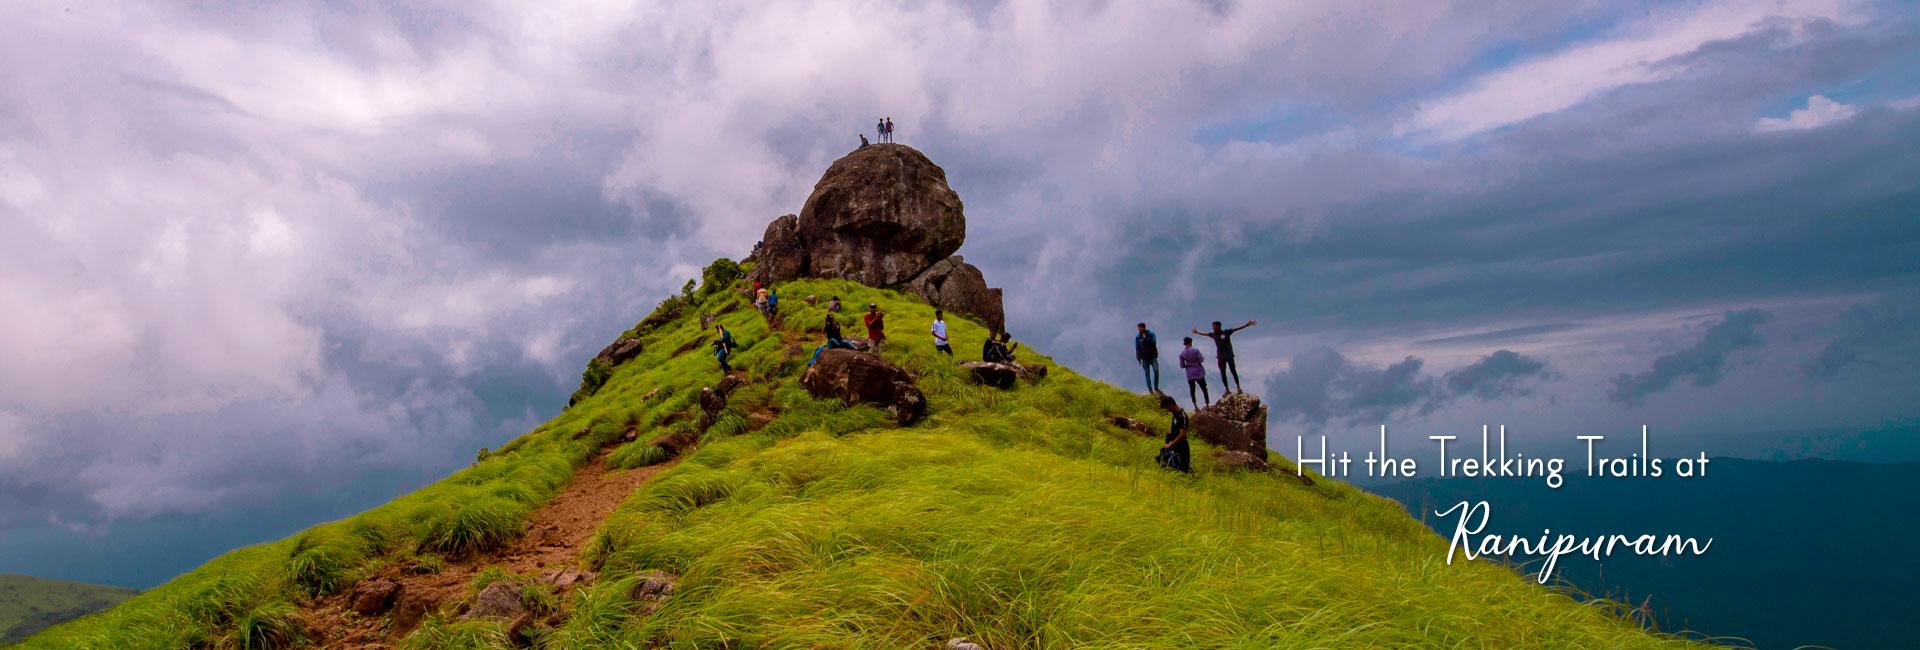 Hit the Trekking Trails at Ranipuram